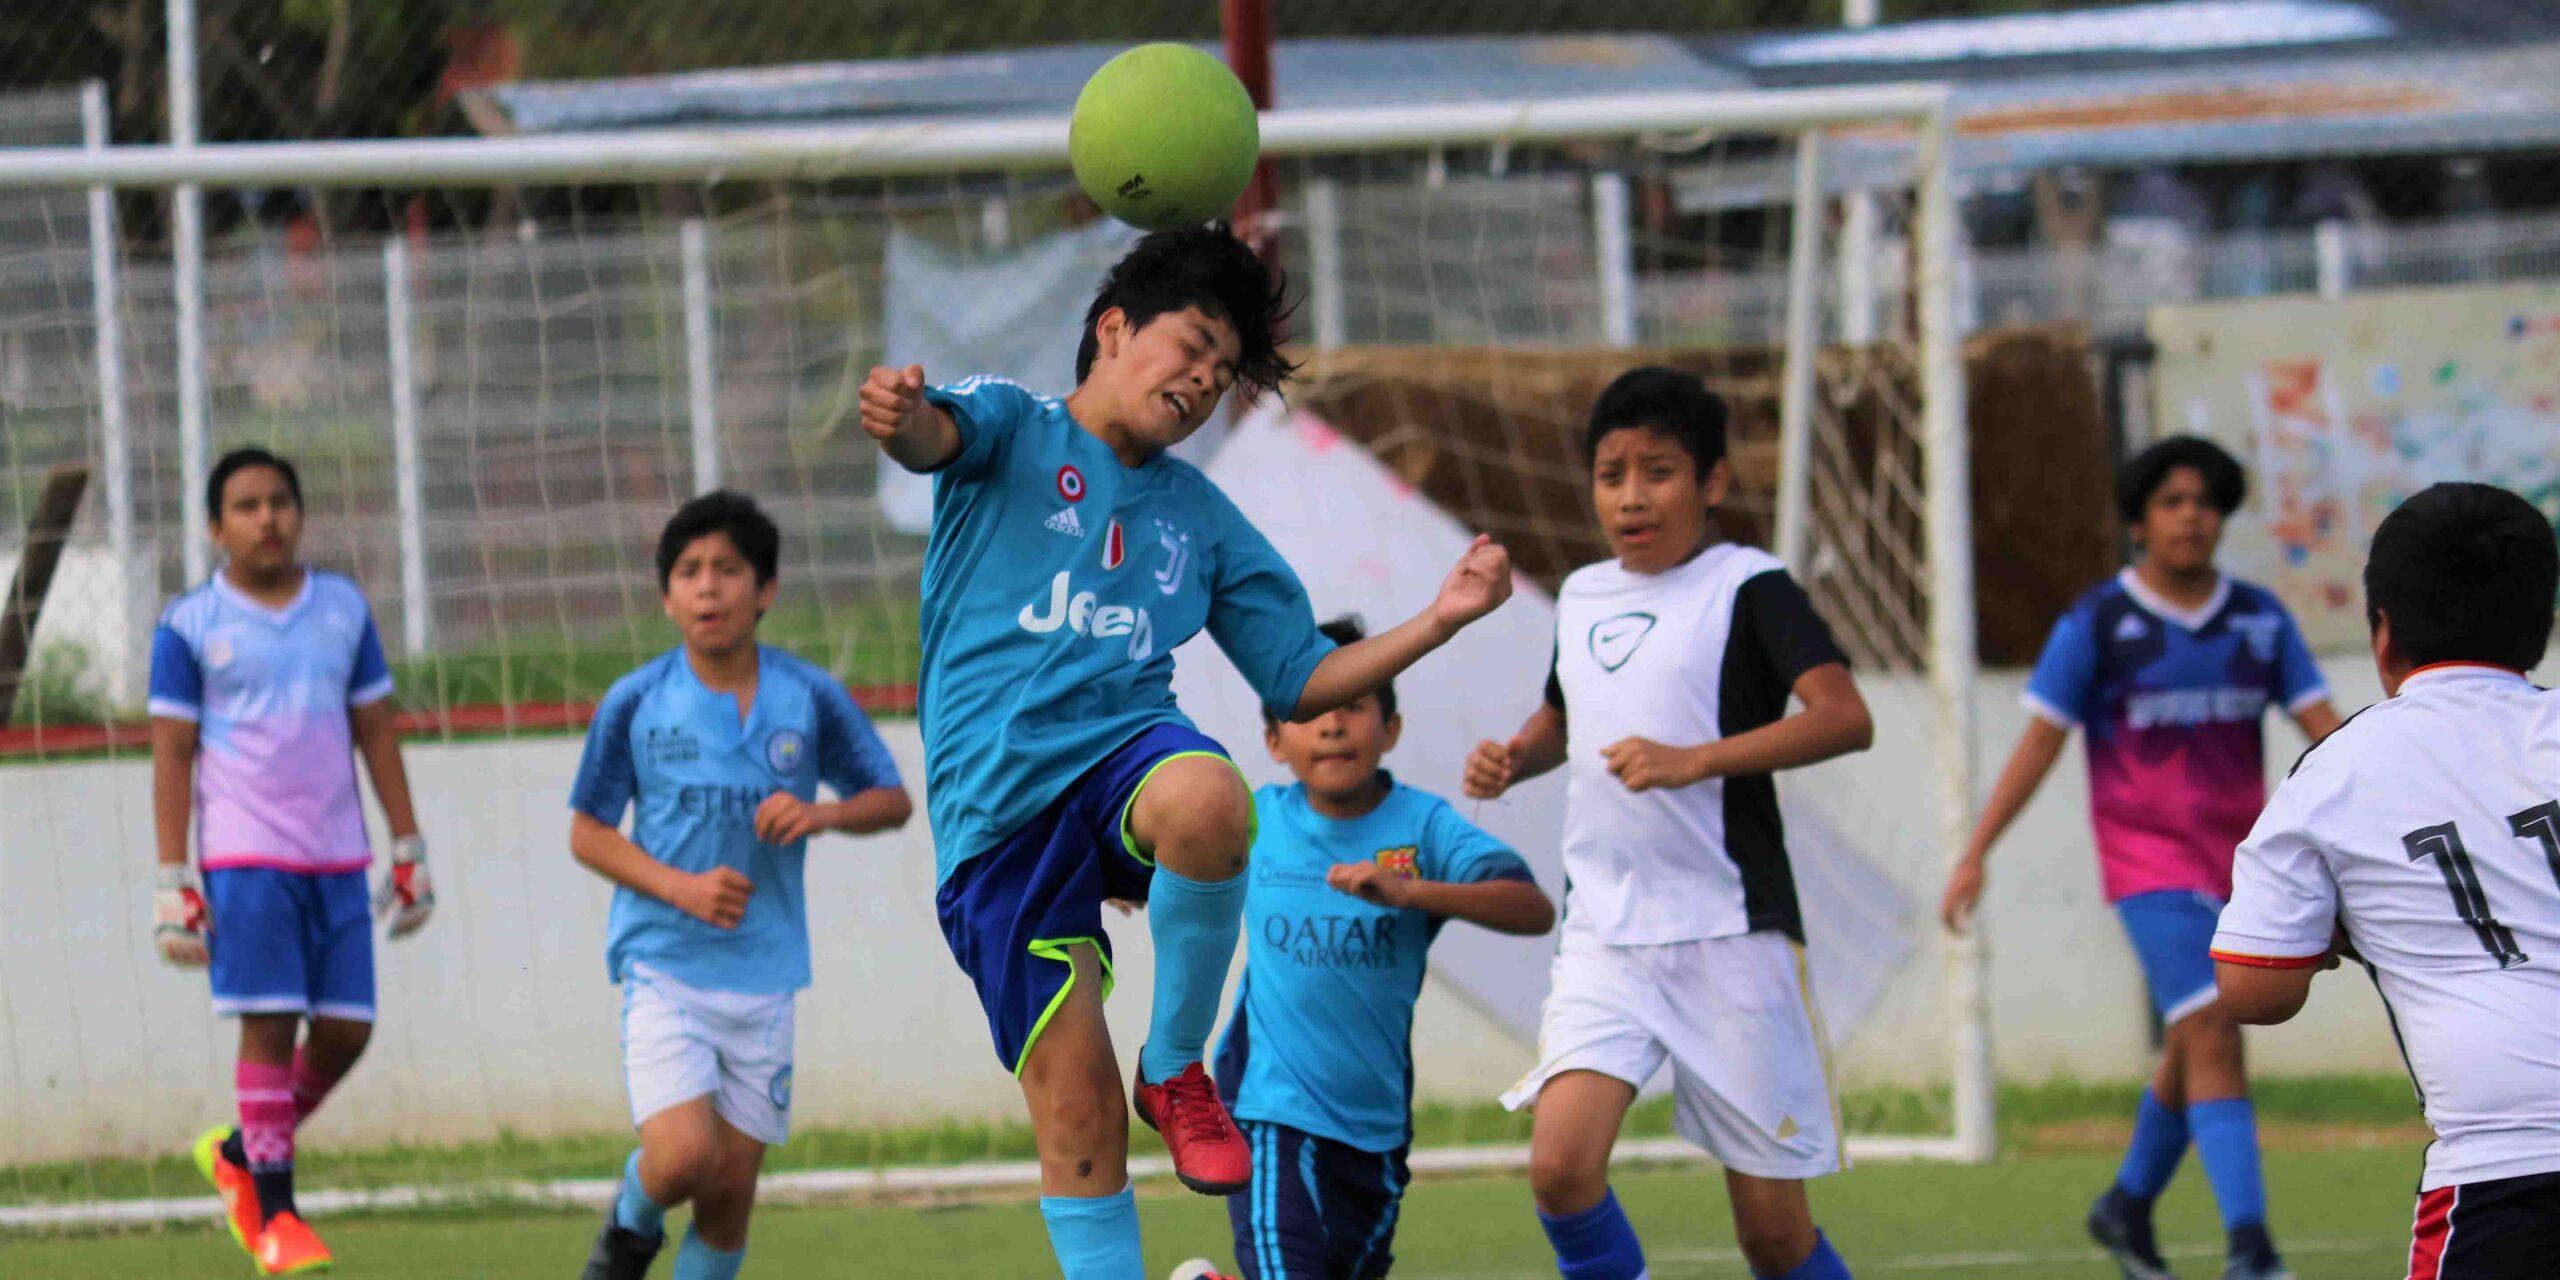 Se queda El Rosario con título del cuadrangular infantil de fútbol 7 | El Imparcial de Oaxaca